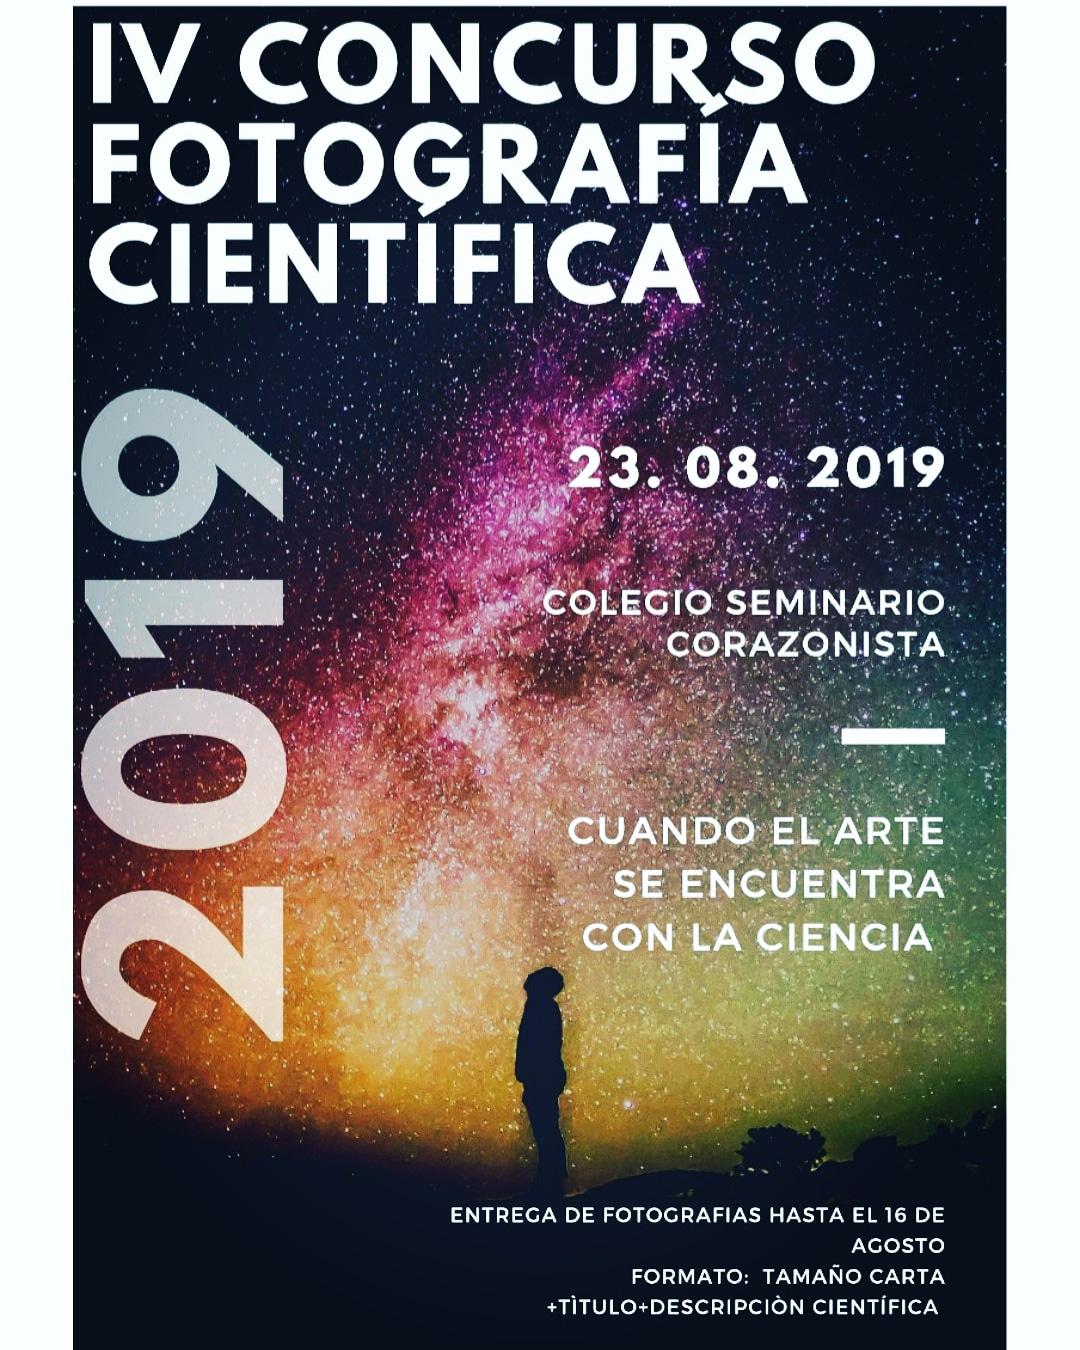 IV Concurso de fotografía científica 2019